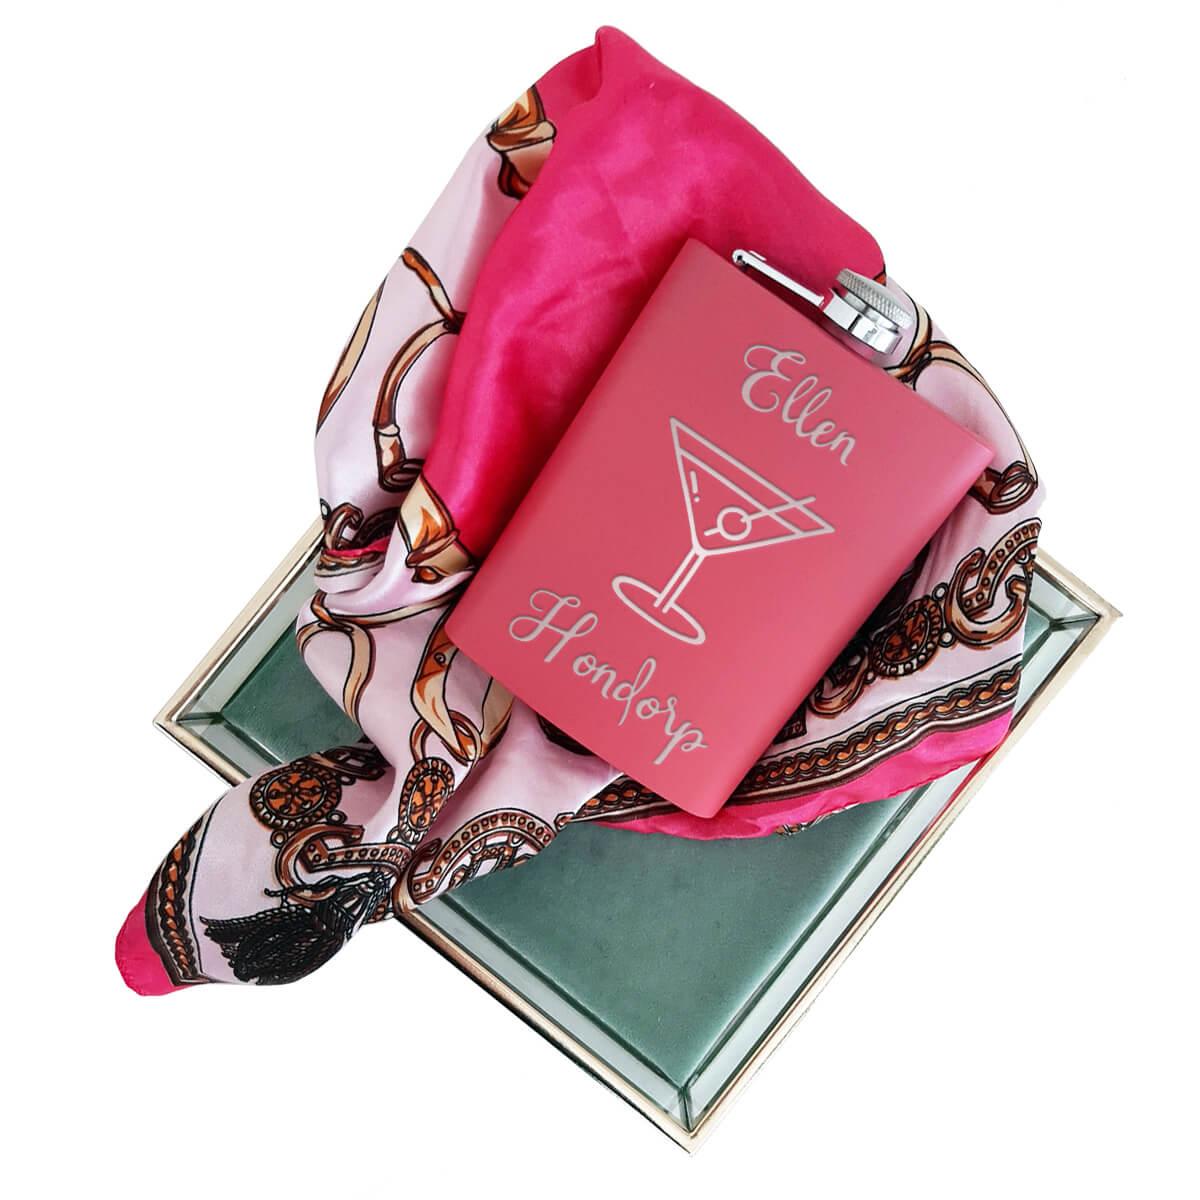 Huwelijksgeschenk: Gepersonaliseerde heupfles, roze voor haar, de lederen of metalen uitvoering voor hem